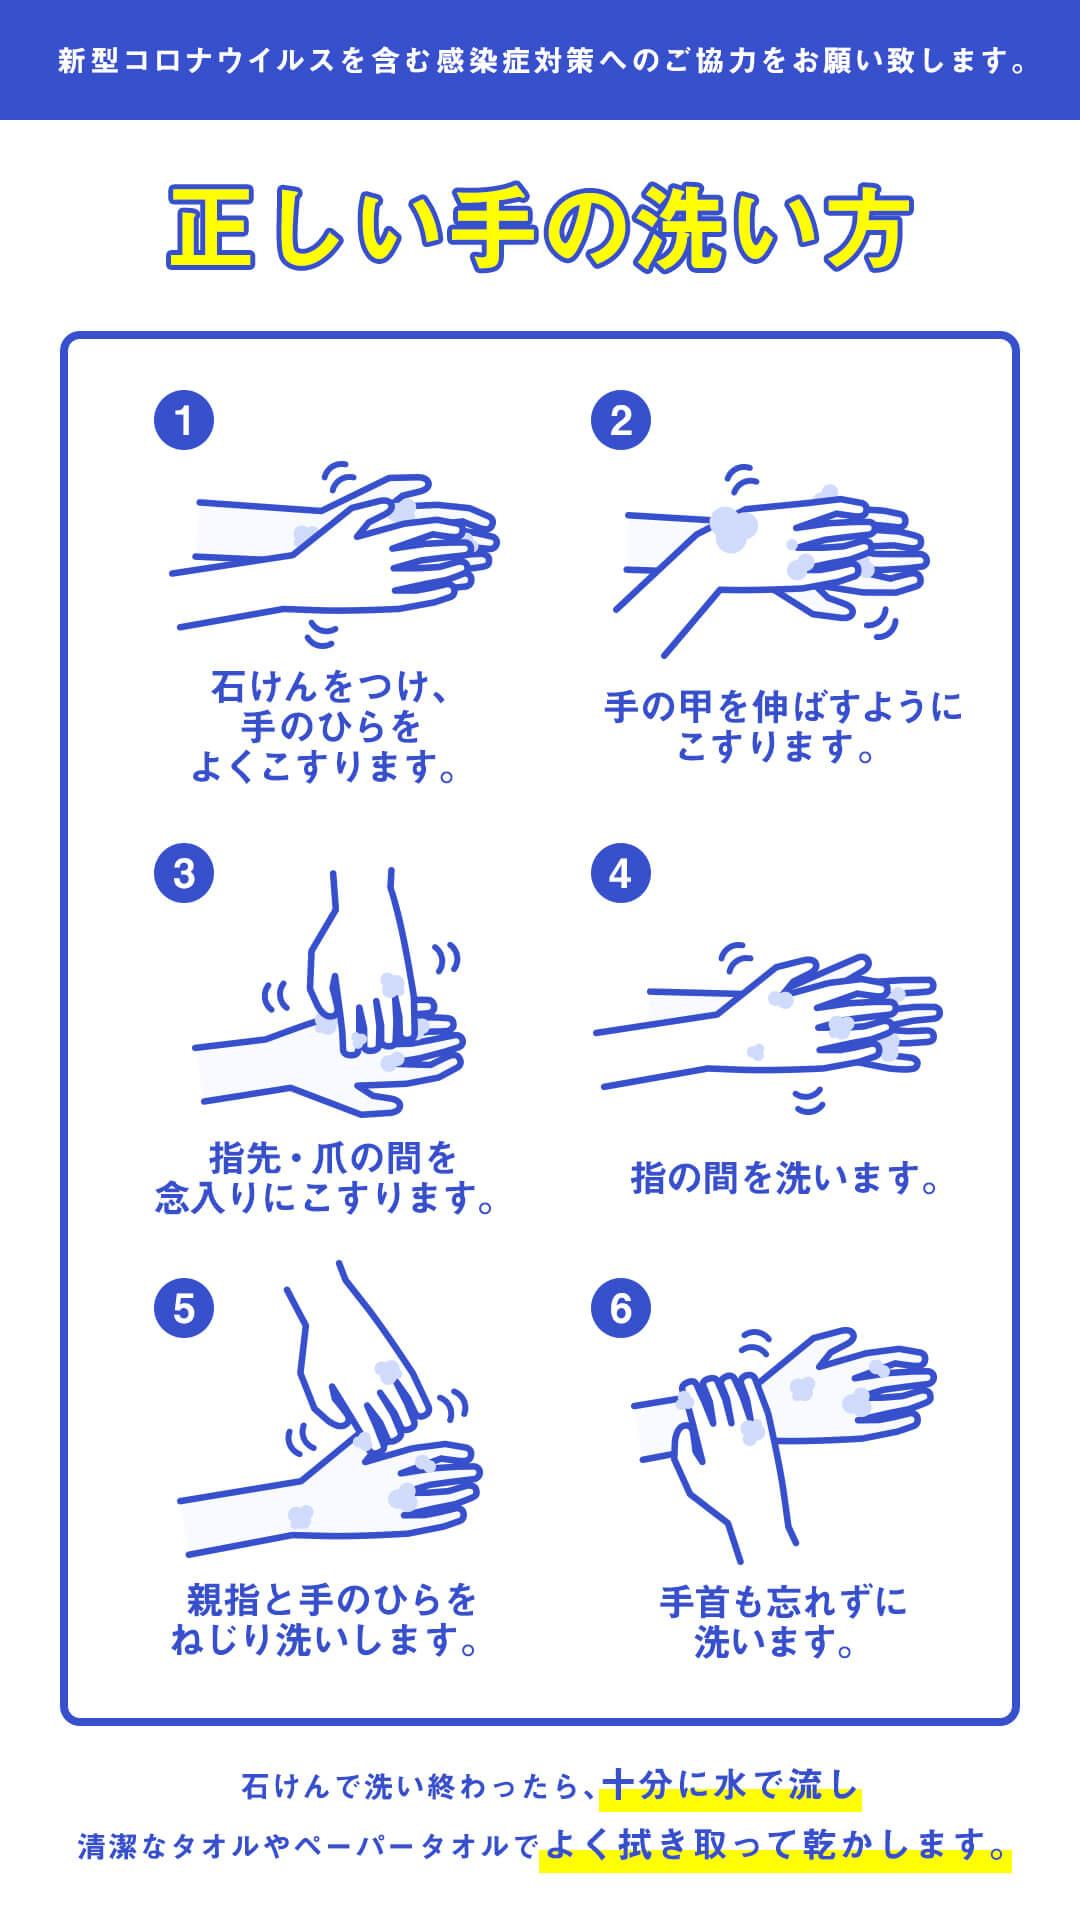 労働省 手洗い ポスター 厚生